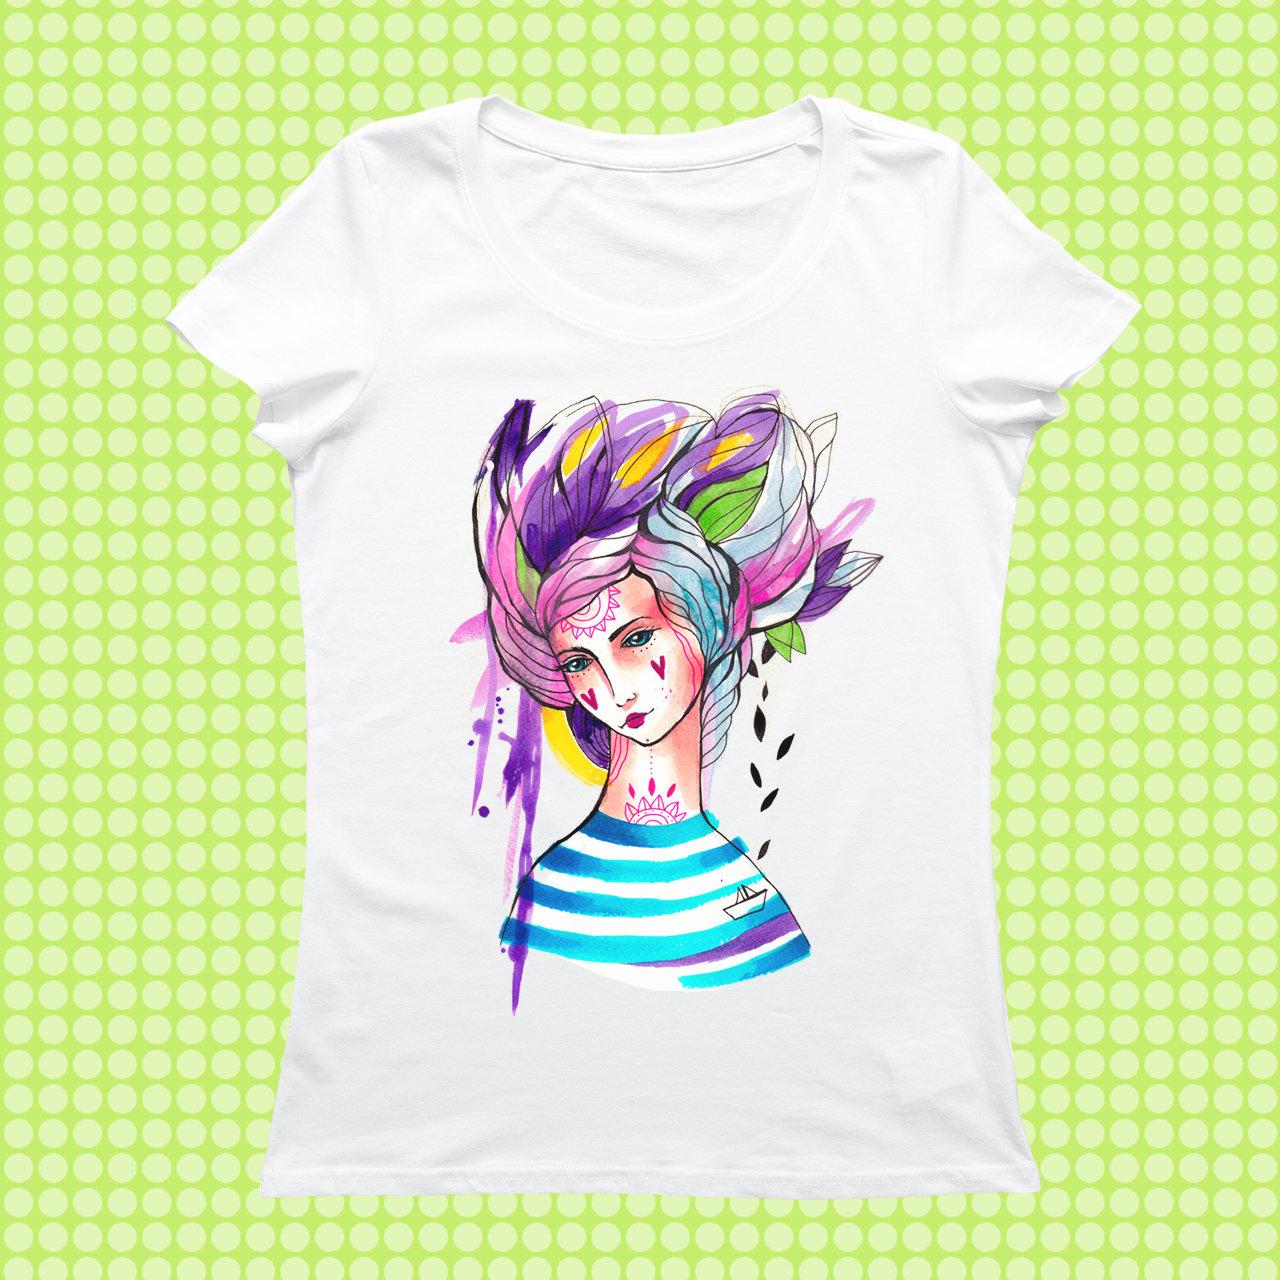 Námorníčka na tričku/ Stedman 00122